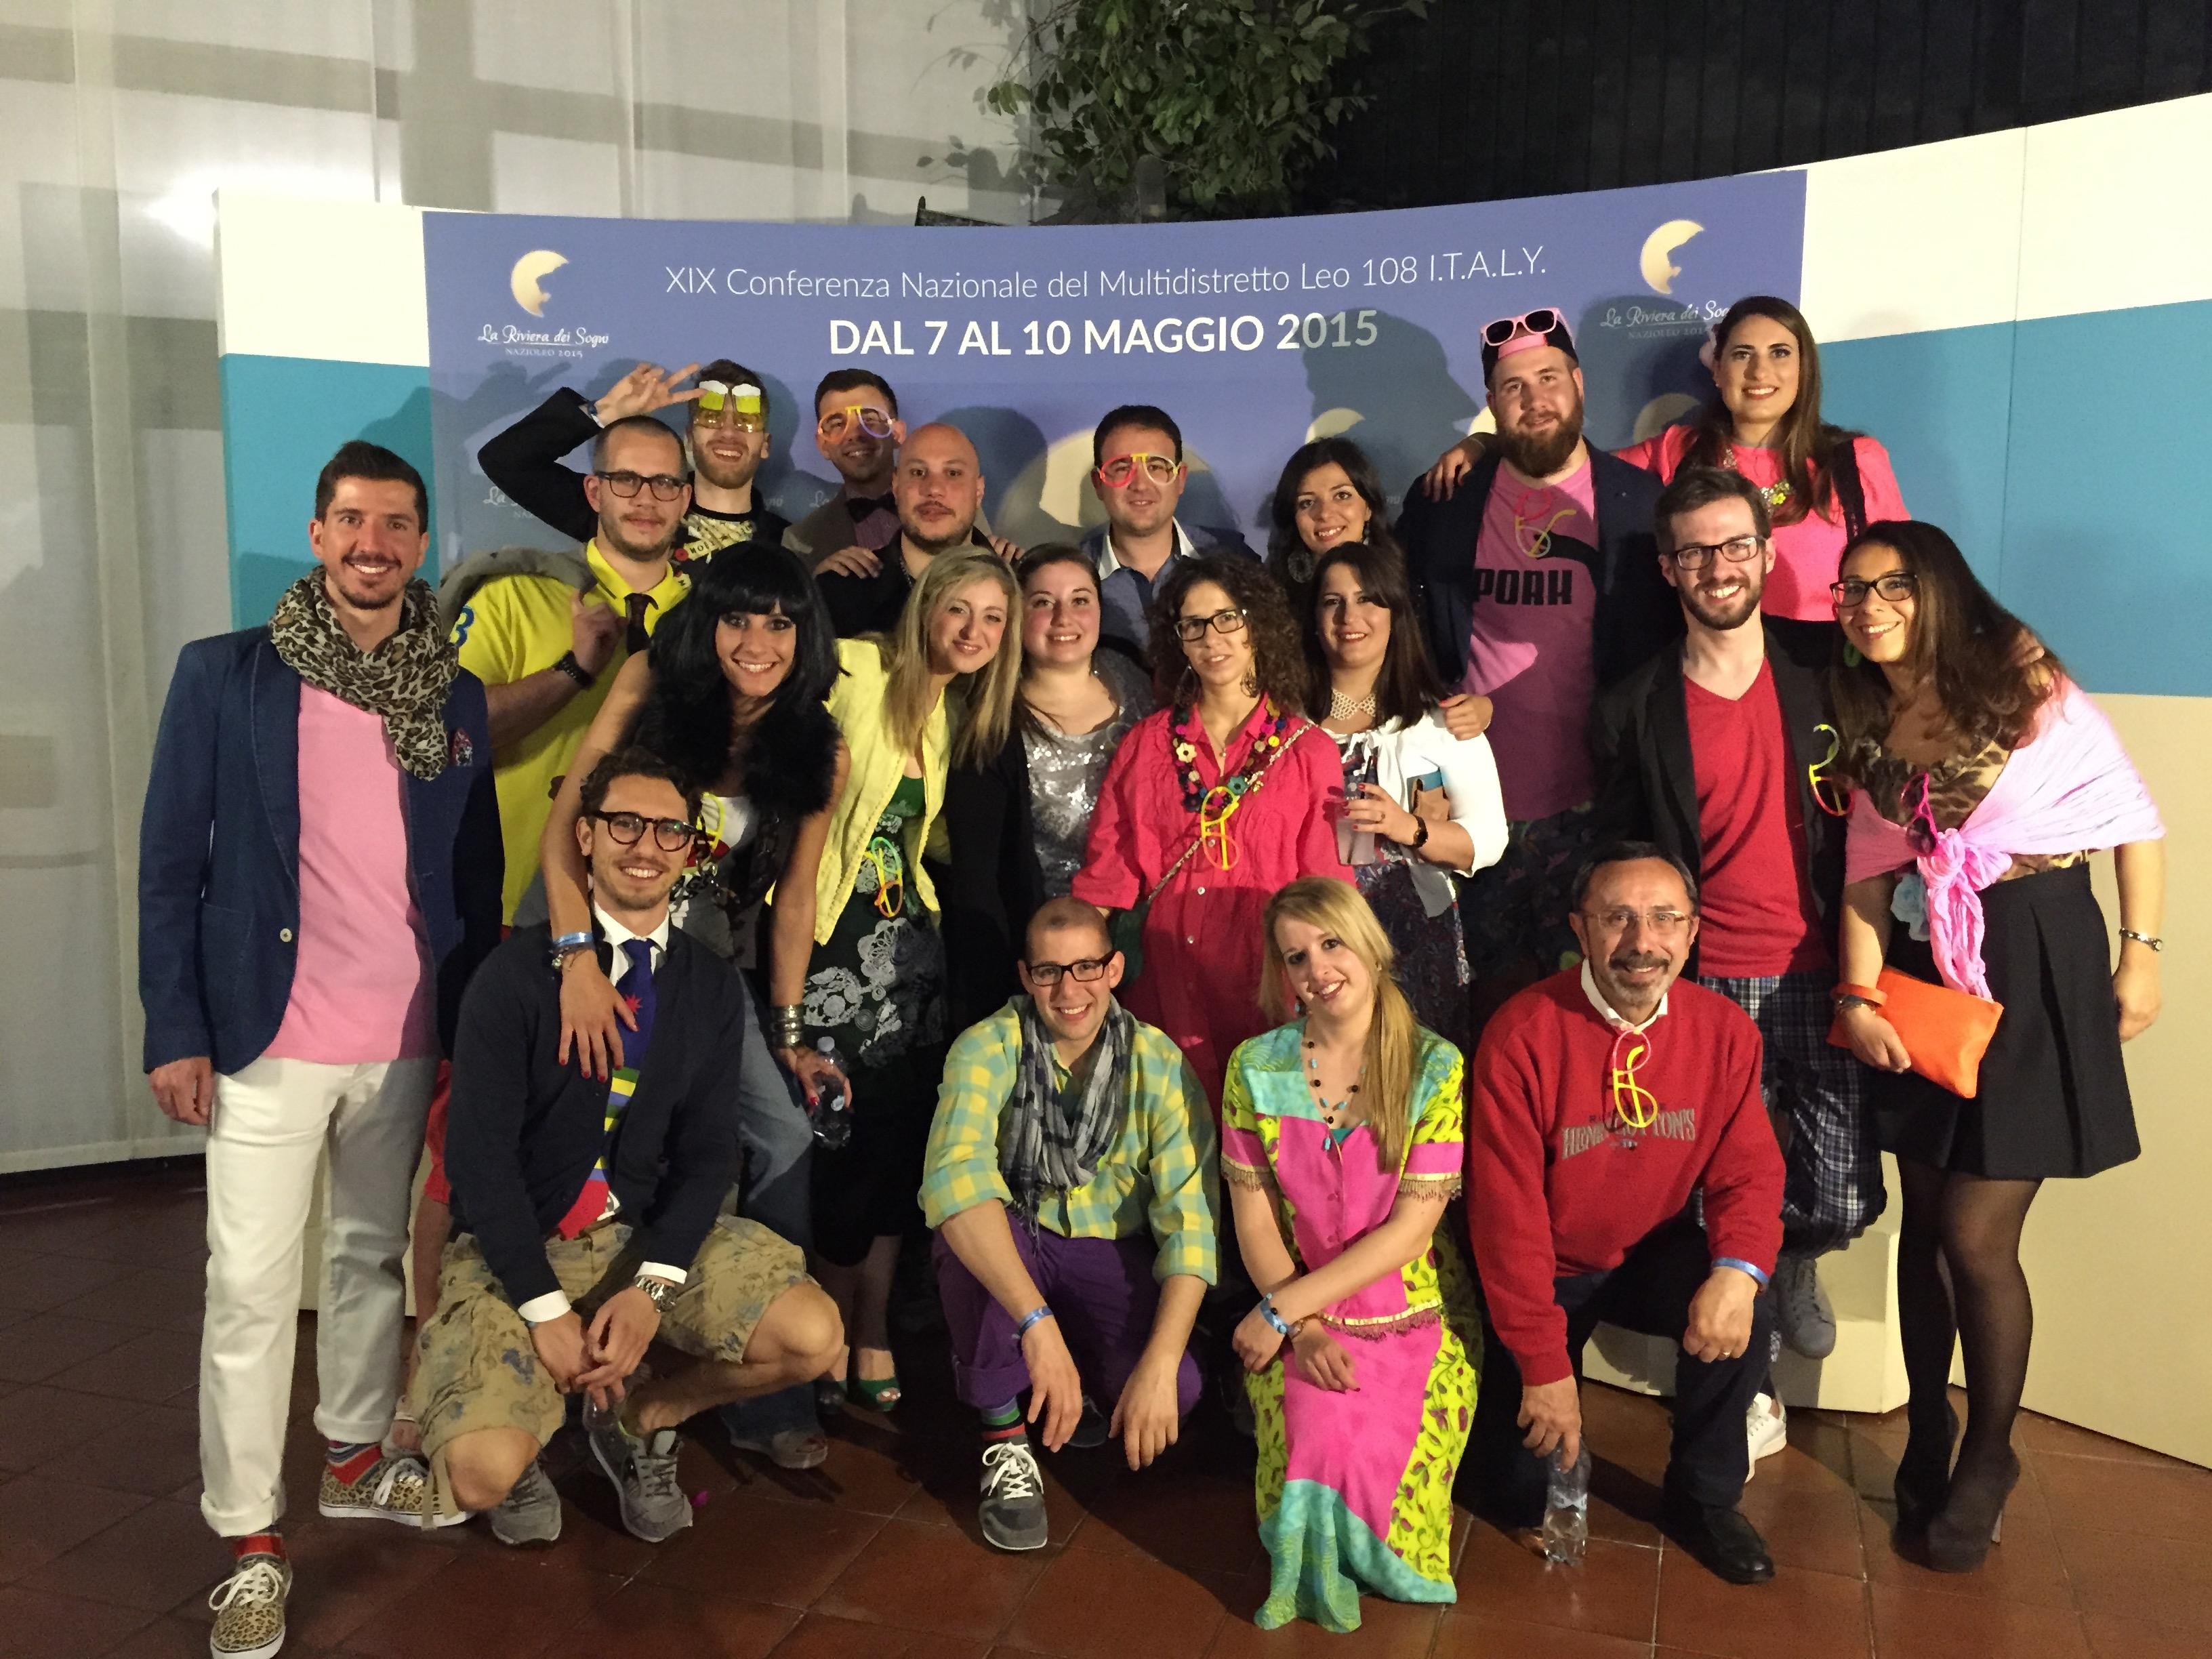 Multidistretto Leo 108 Italy: XIX Conferenza Nazionale